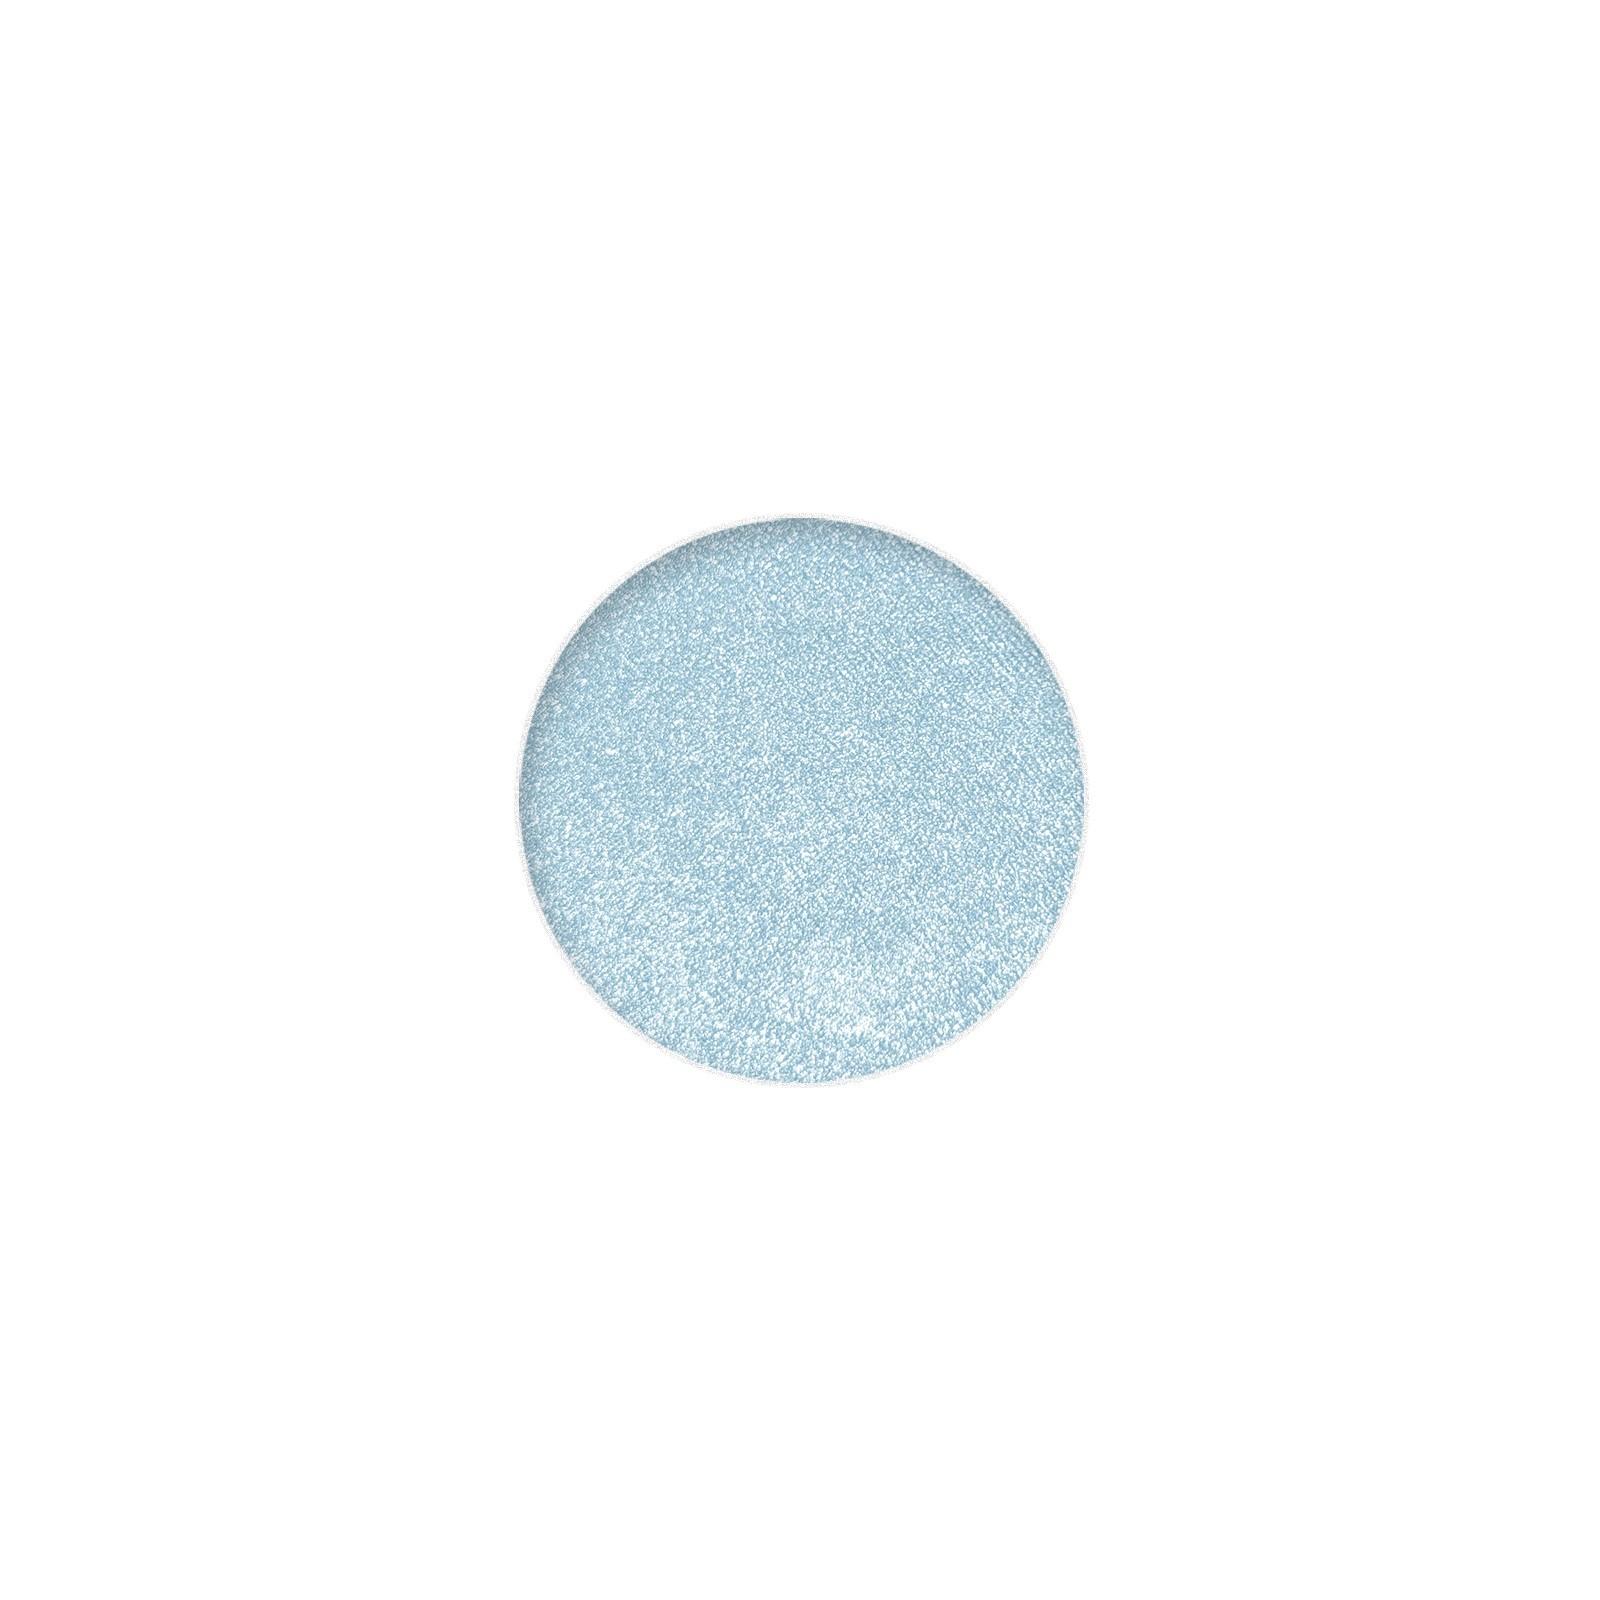 Sombra Mineral Unitária Refil 53